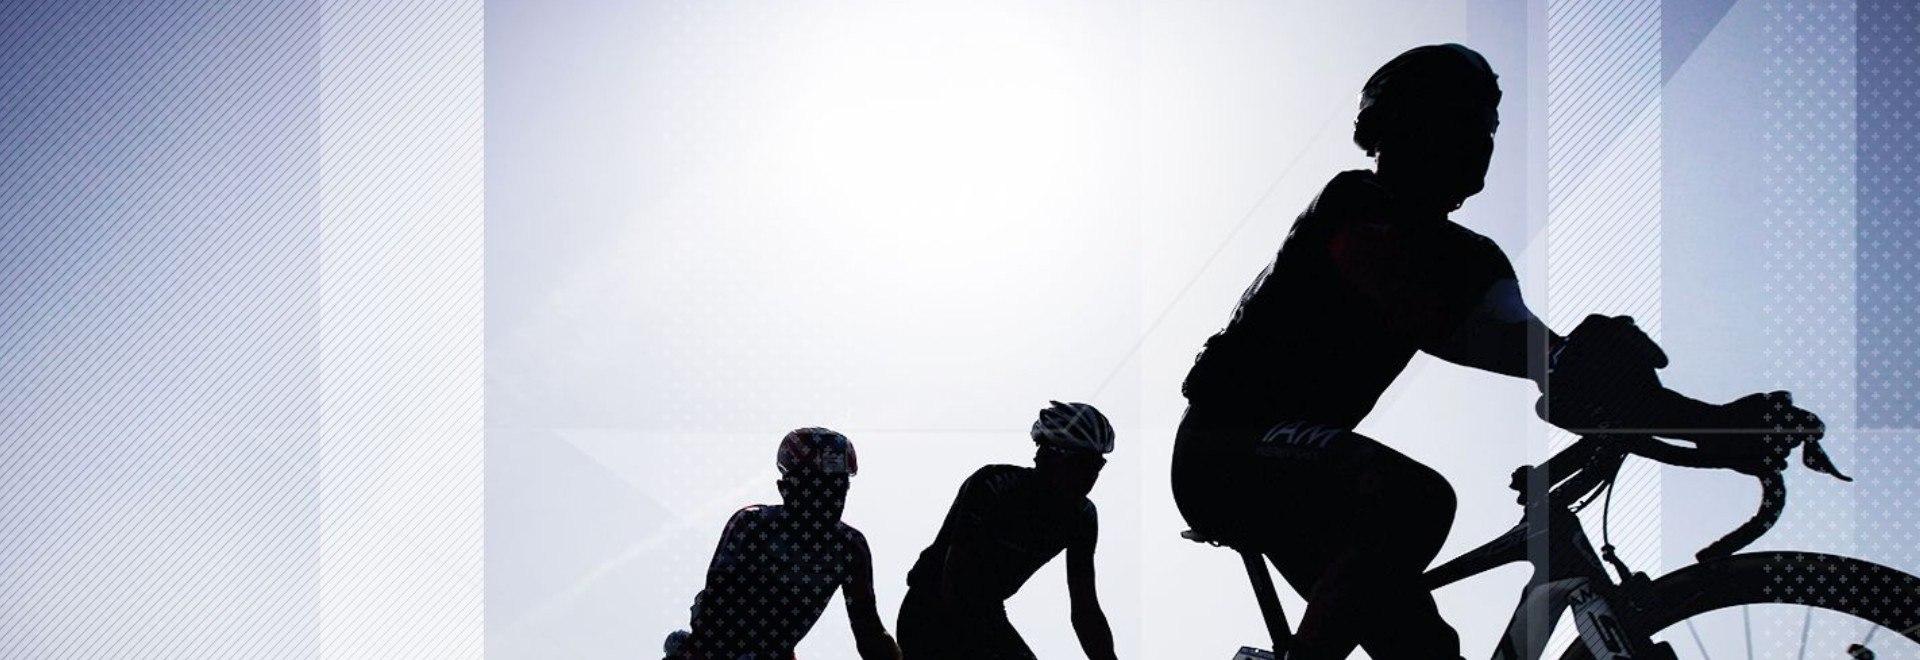 18a tappa Rovereto - Stradella (228 km)